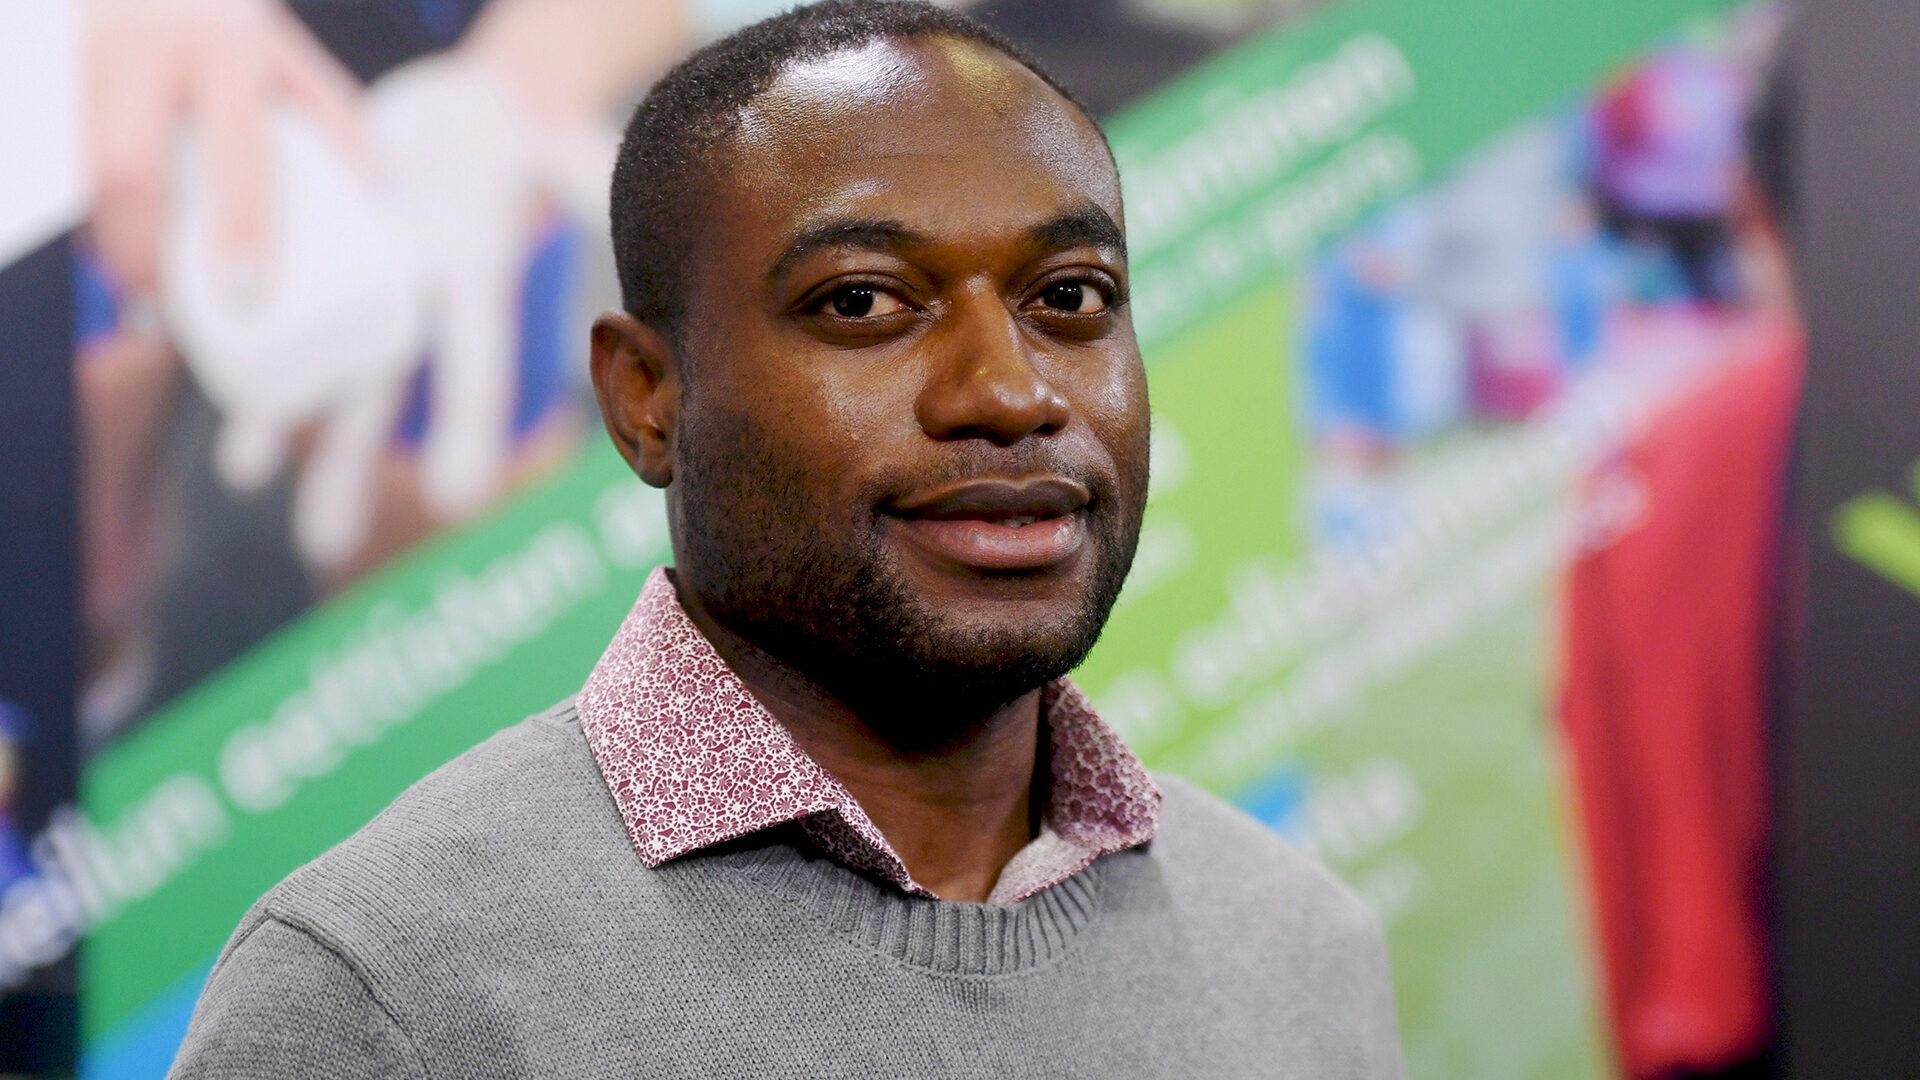 Kilpailumanipulaatio puhuttaa: Jalkapalloilija Jean Fridolin Nganbe Nganbe